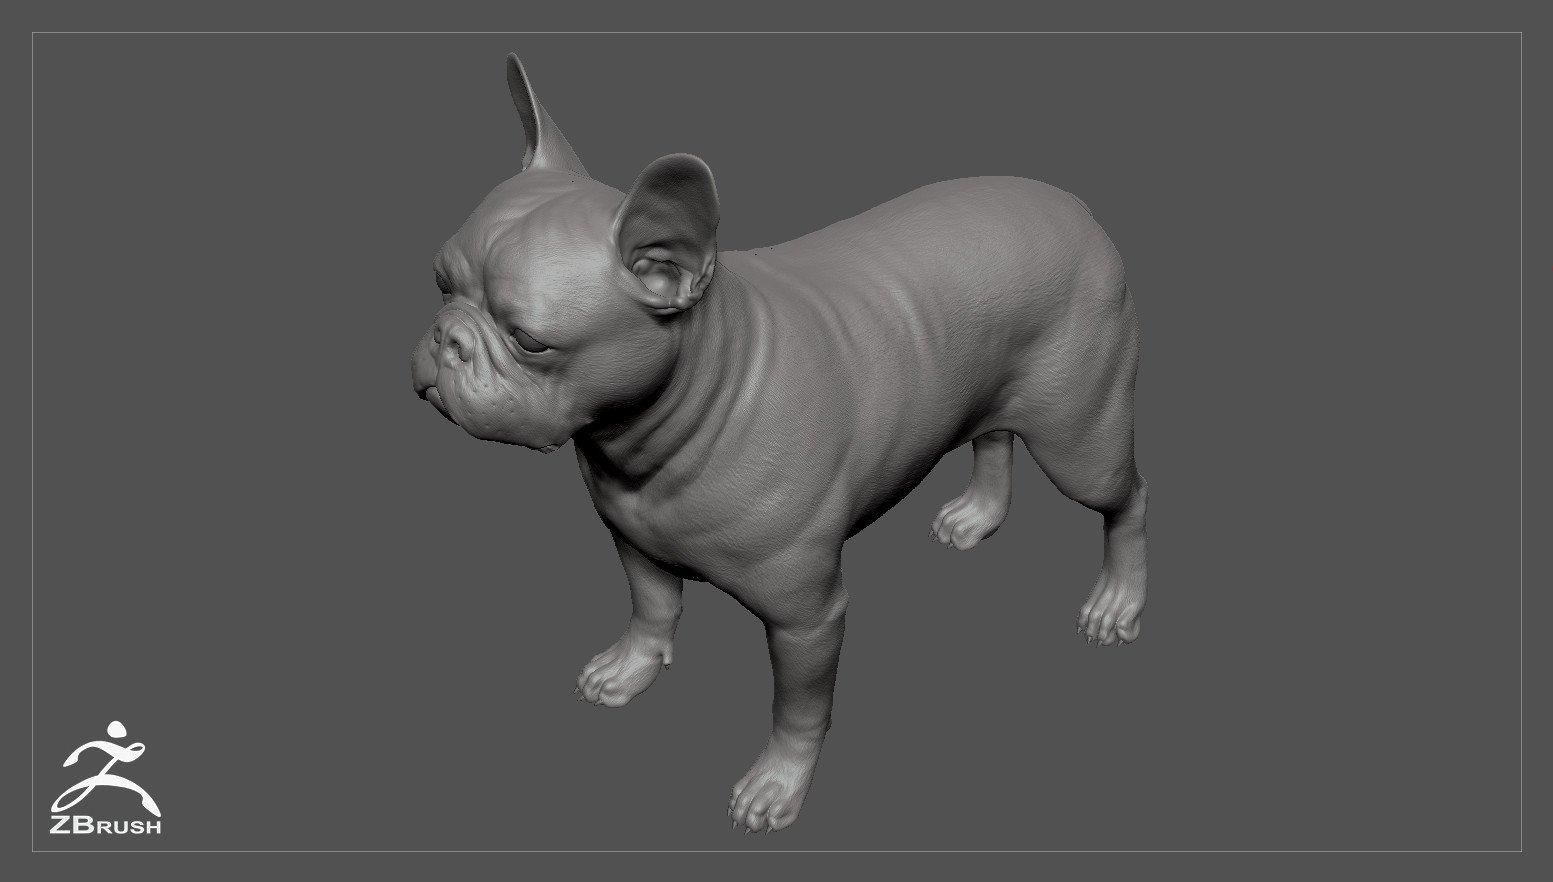 Frenchbulldog by alexlashko zbrush 03